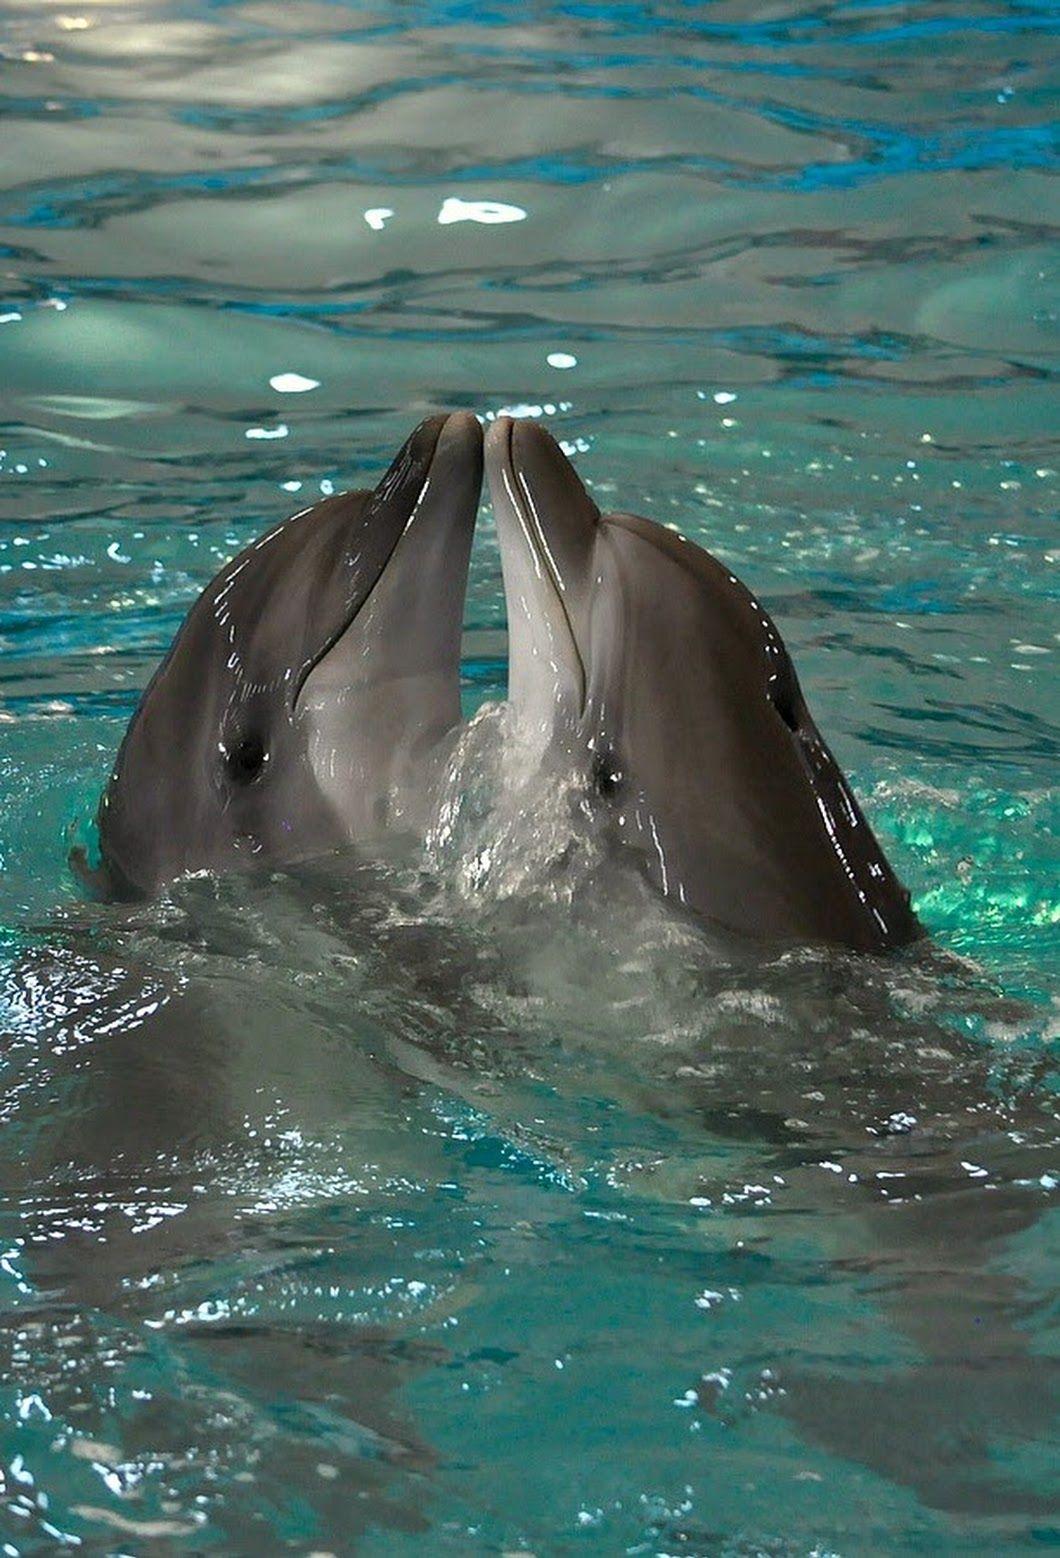 фото дельфин мерцающий интересом, присоседившись группе